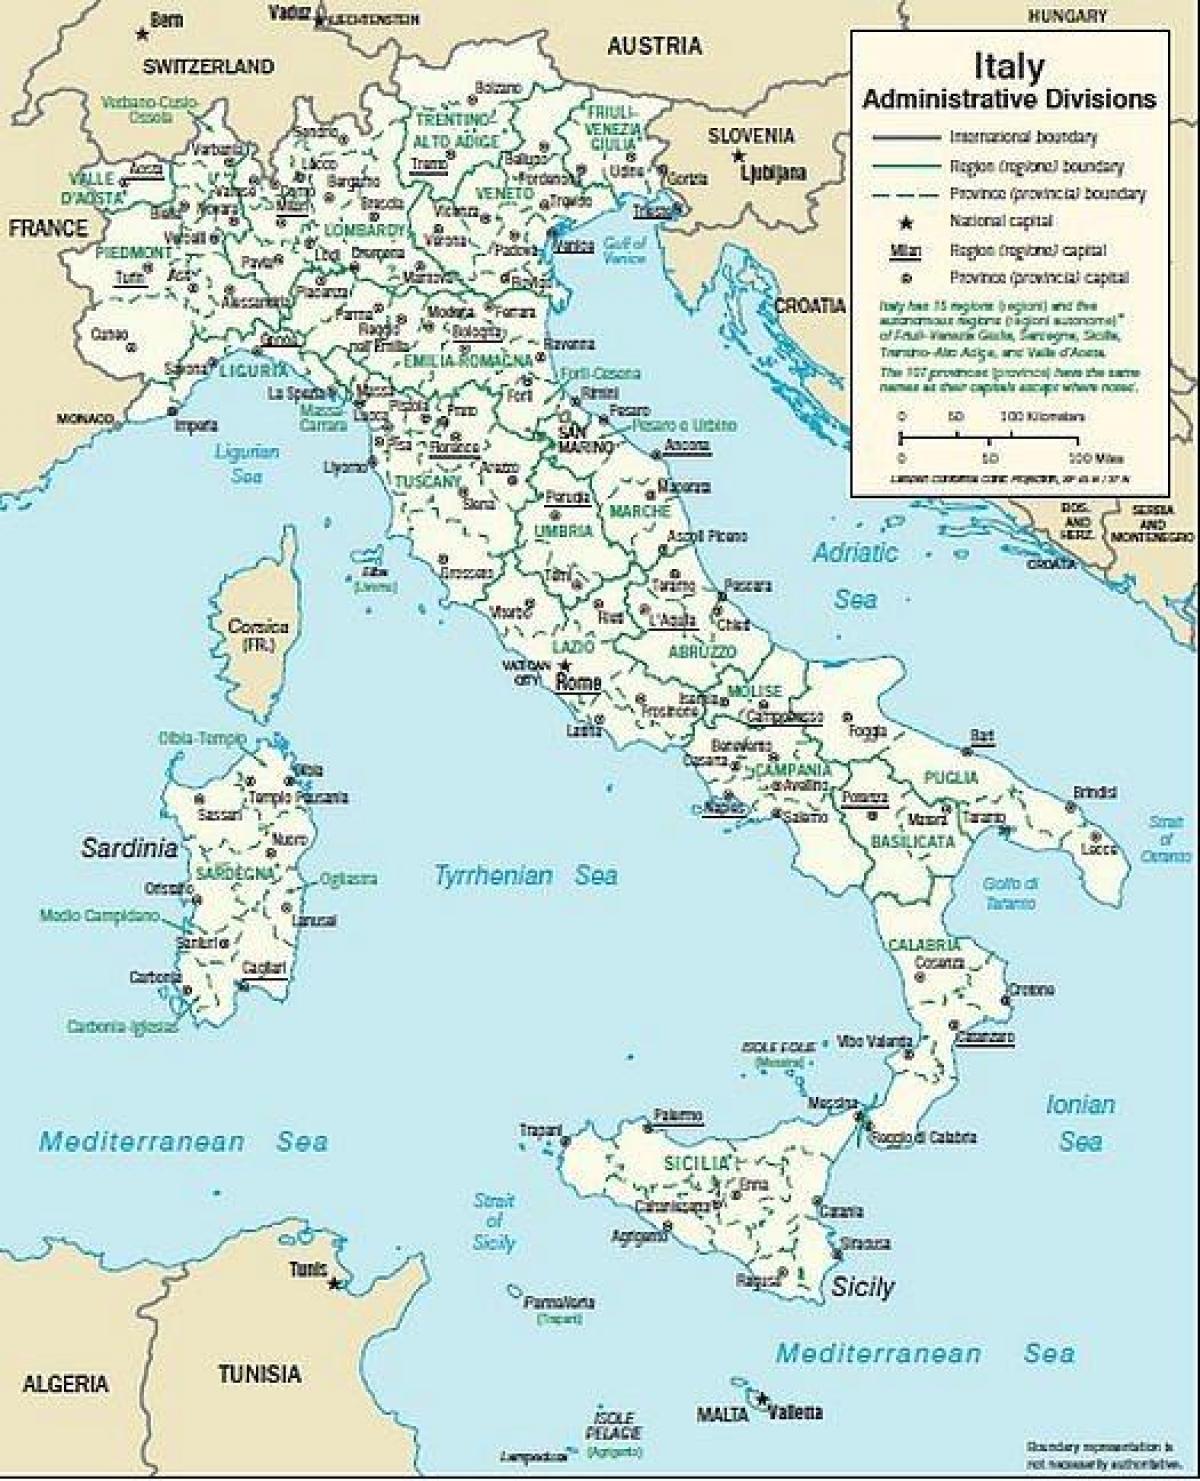 Mapa Mest Jizni Italie Mapa Italie Jizniho Mesta Jizni Evropa